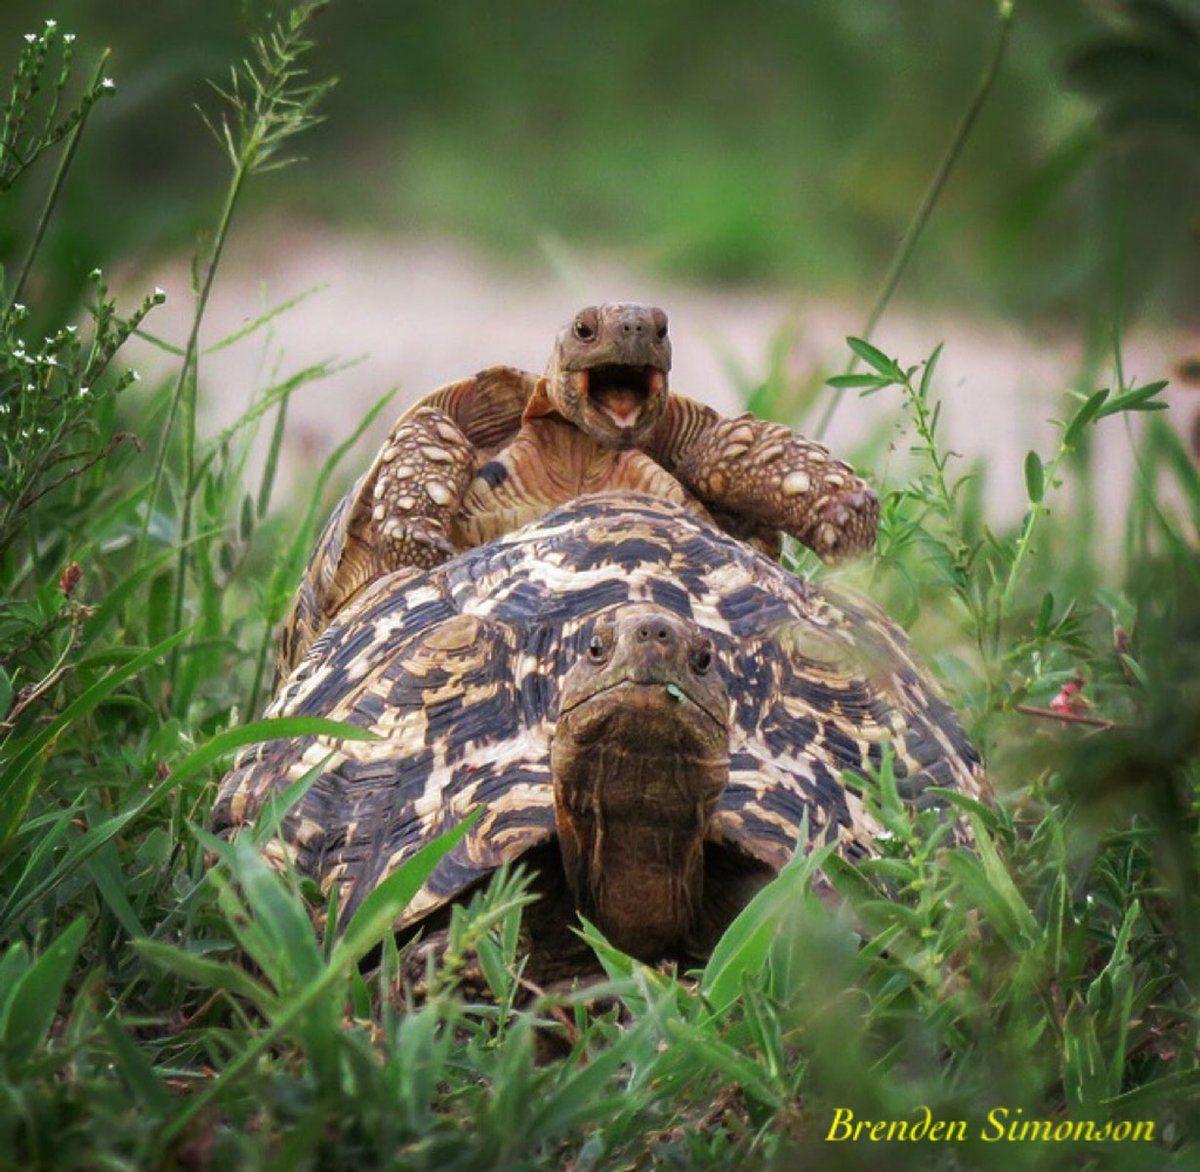 GALERINHA INFANTIL: Fofuras animais em fotos: Prêmio revela imagens hi...